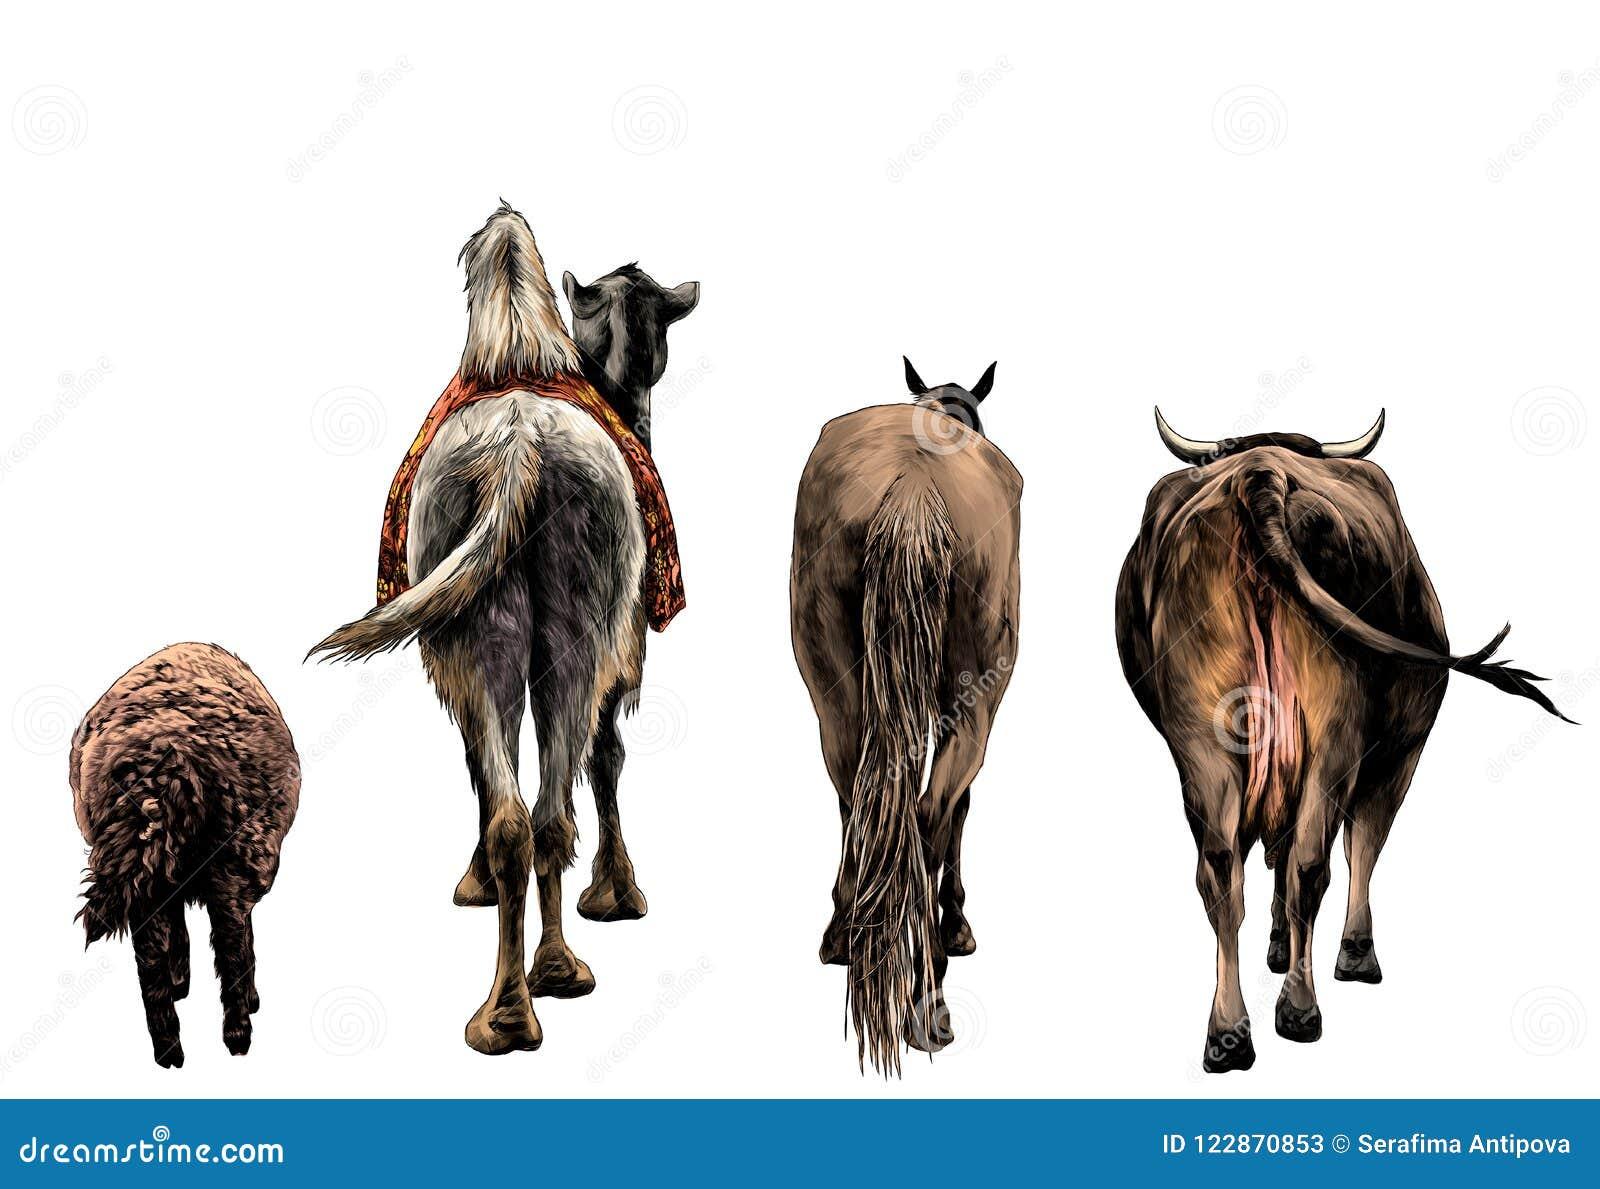 Το σύνολο ζώων από την πλάτη ενός αλόγου καμηλών προβάτων και η αγελάδα και ο γάιδαρος προχωρούν